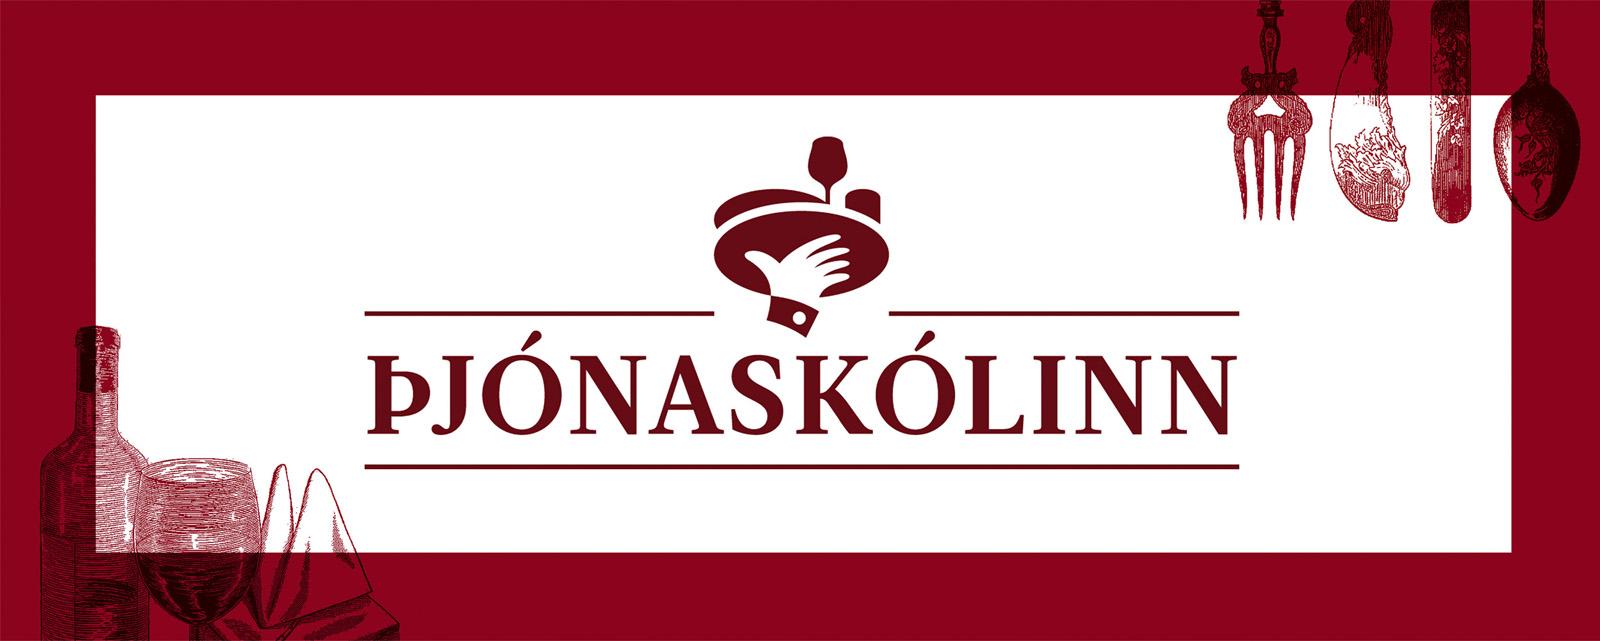 thjonaskolinn_footer_logo_2018_01.jpg